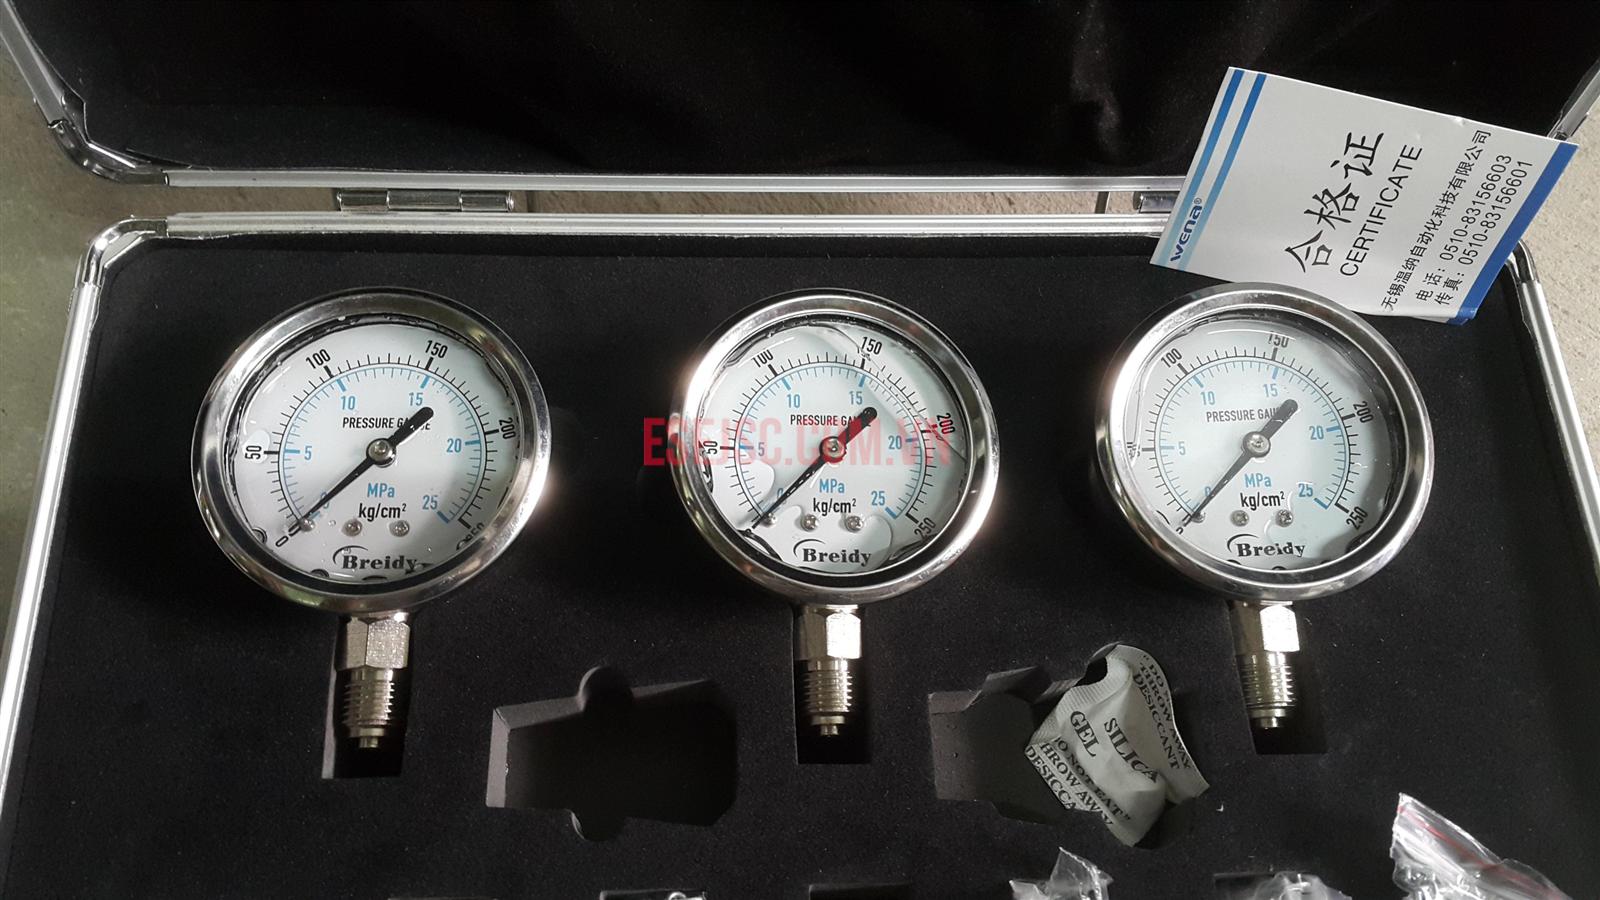 Bộ đồng hồ kiểm tra áp suất thủy lực